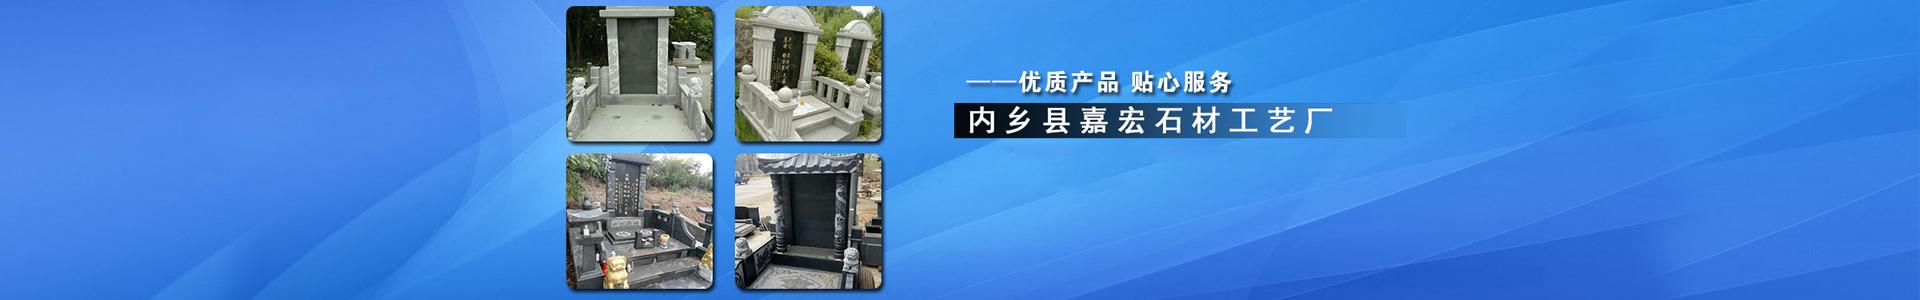 内乡县嘉宏石材有限公司